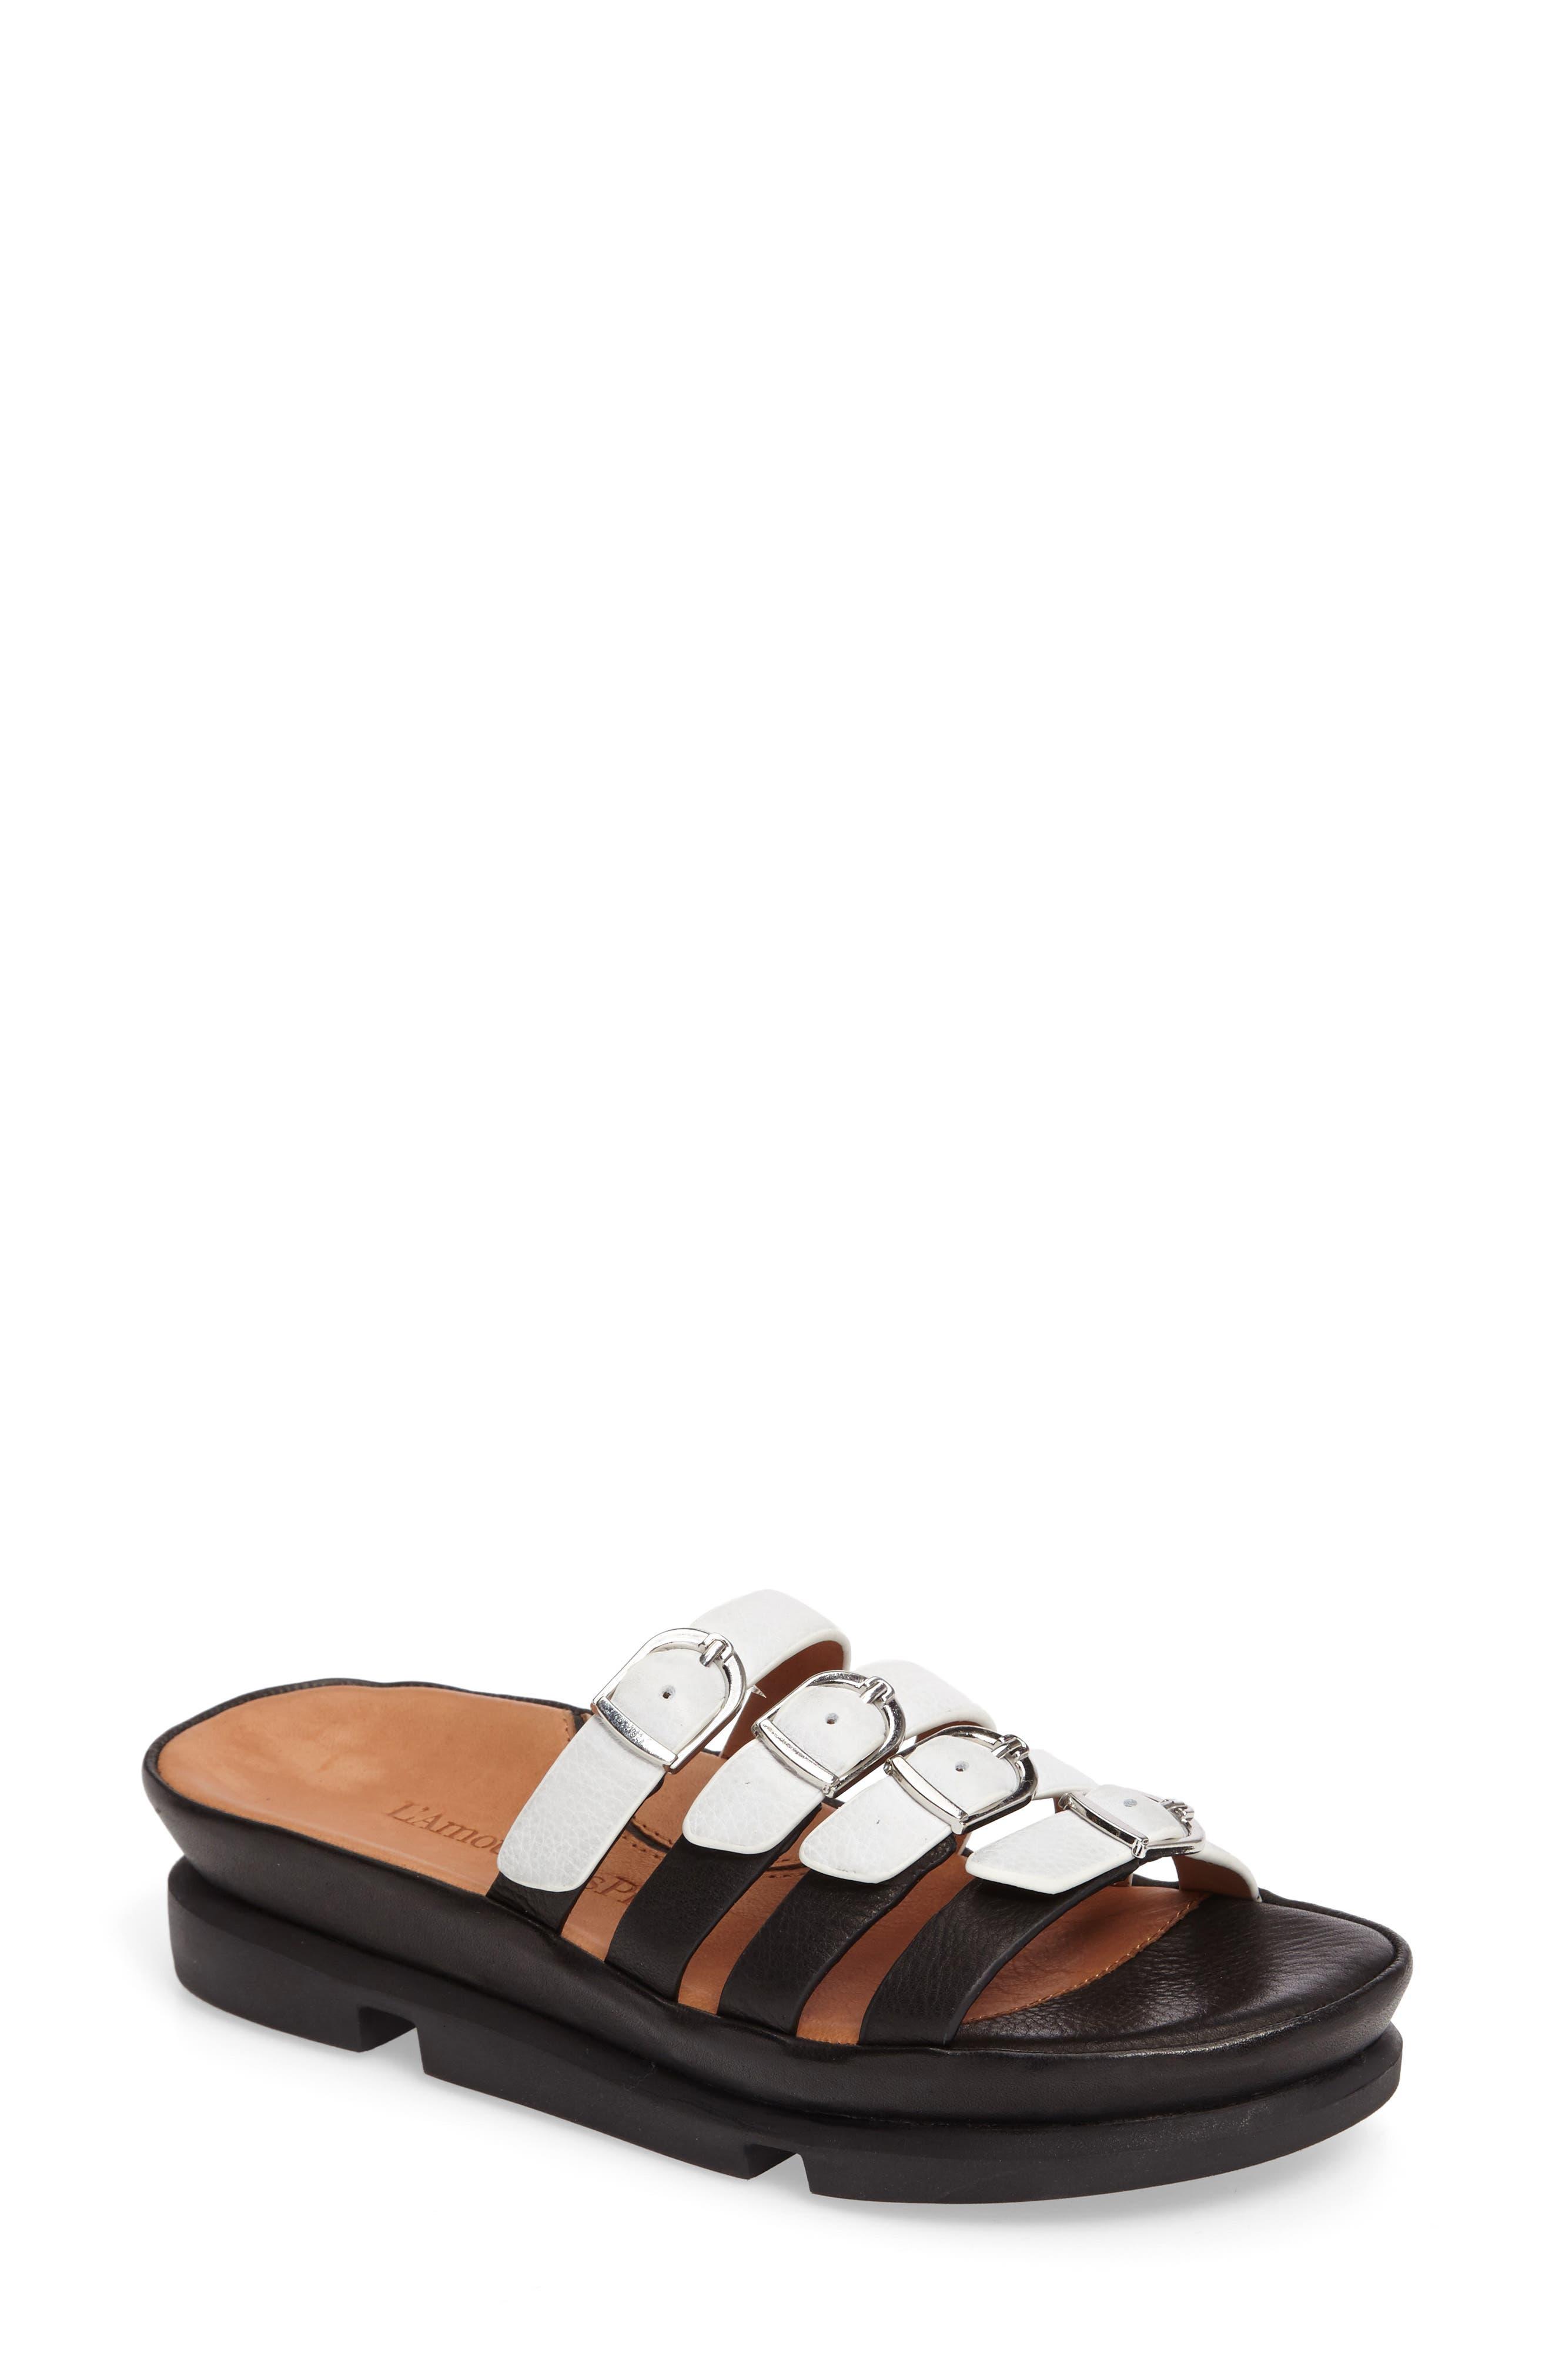 Viletta Slide Sandal,                         Main,                         color, 100